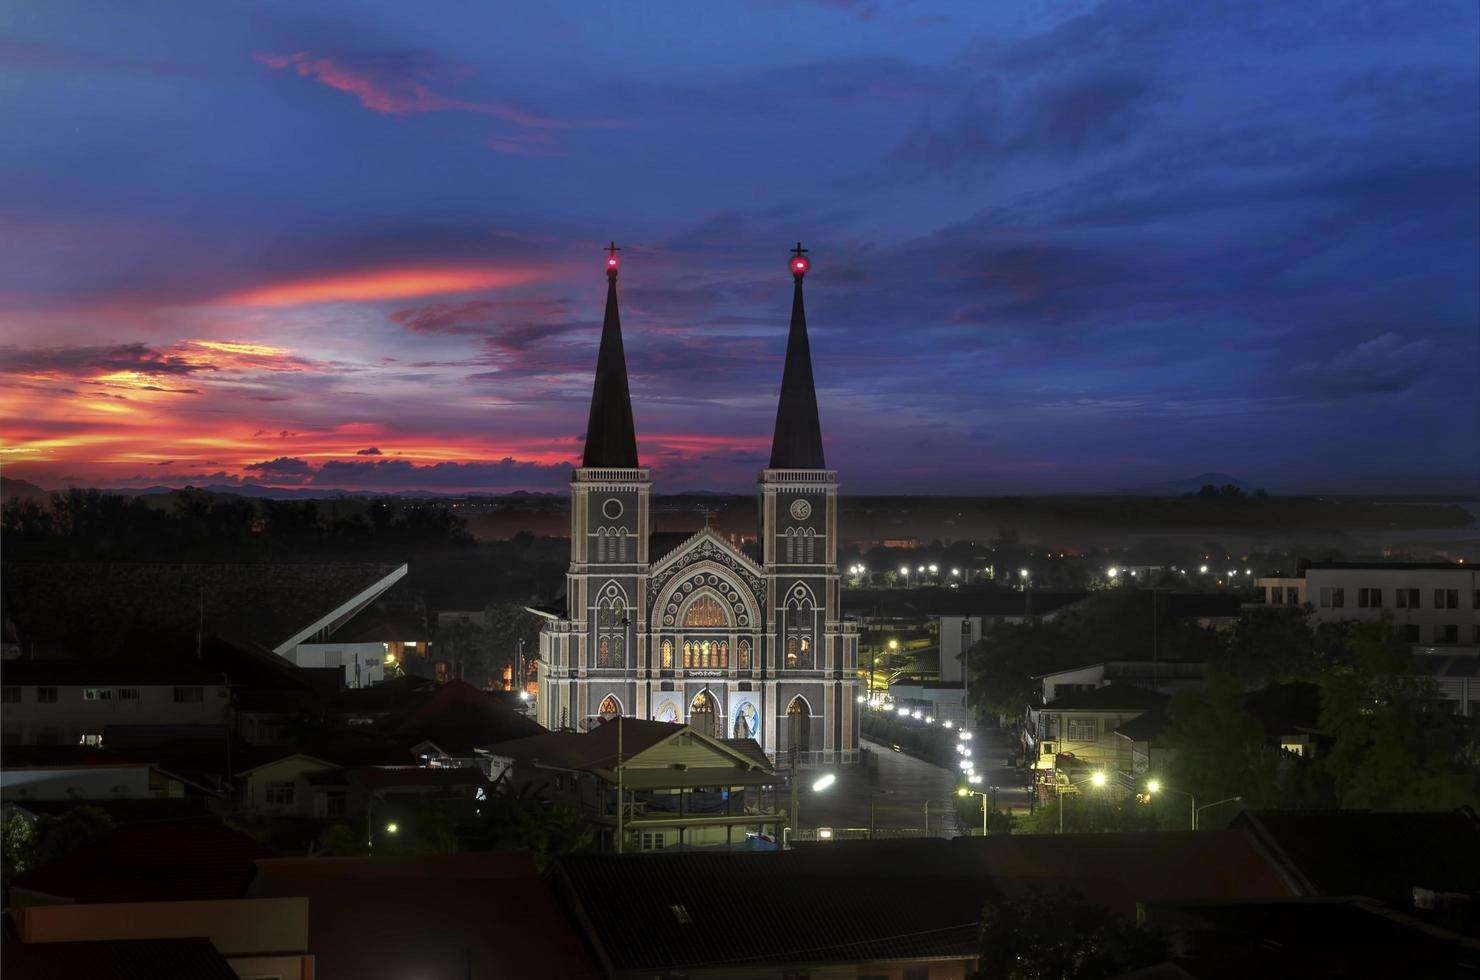 katholische Kirche in der Provinz Chantaburi, Thailand foto